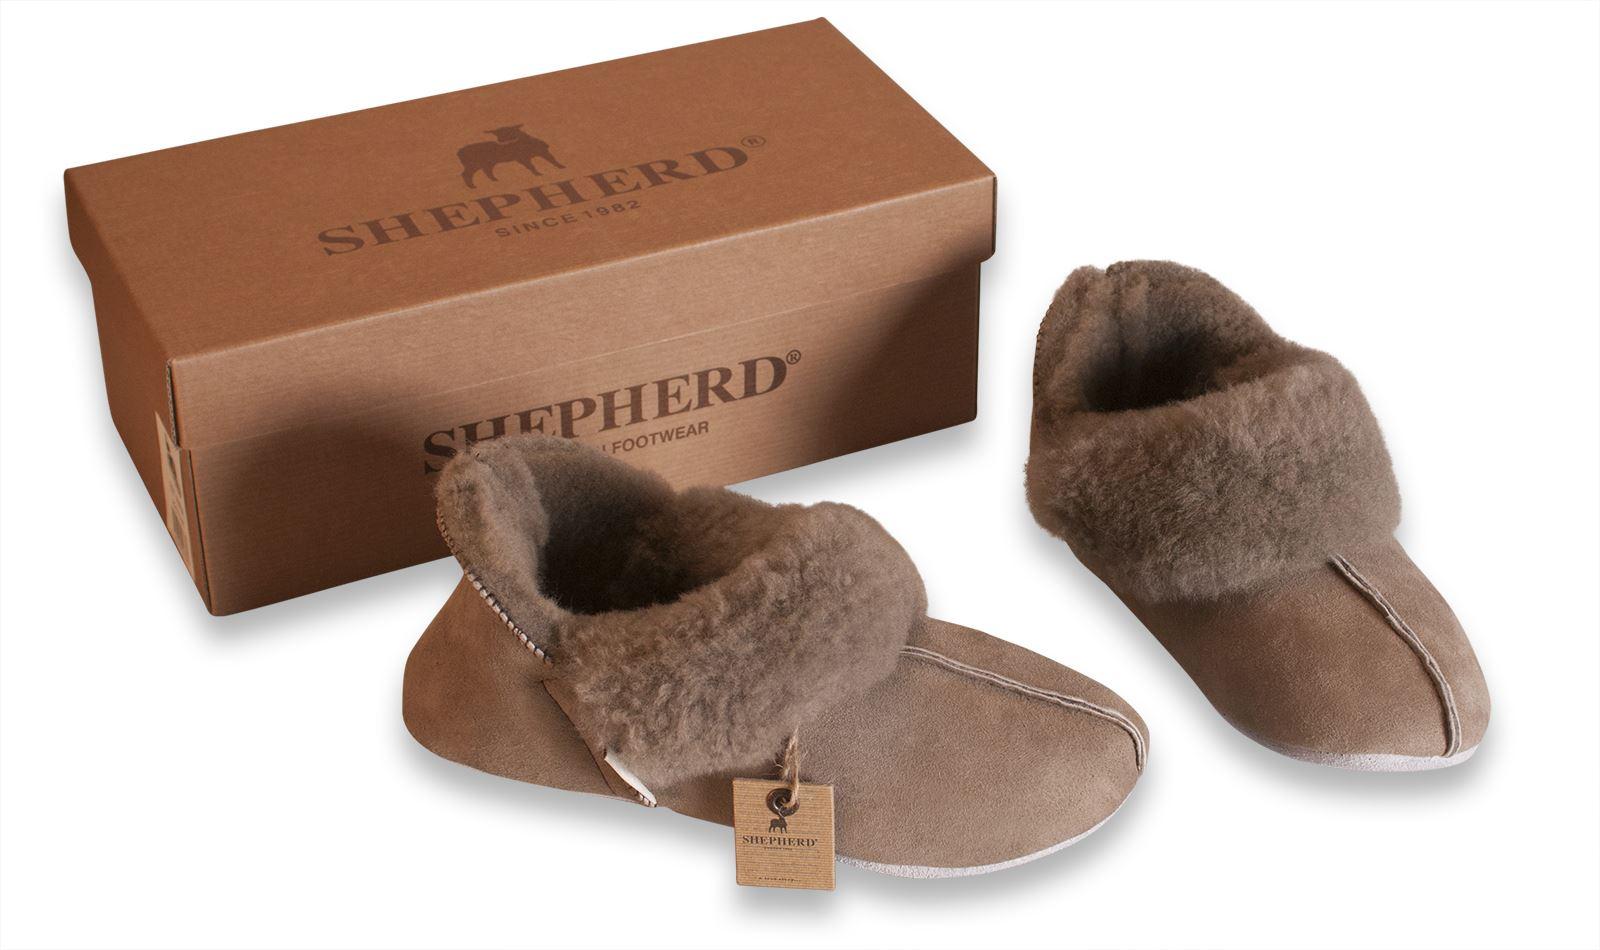 chaussons shepherd femme 100 peau de mouton semelle souple daim nina 927 ebay. Black Bedroom Furniture Sets. Home Design Ideas